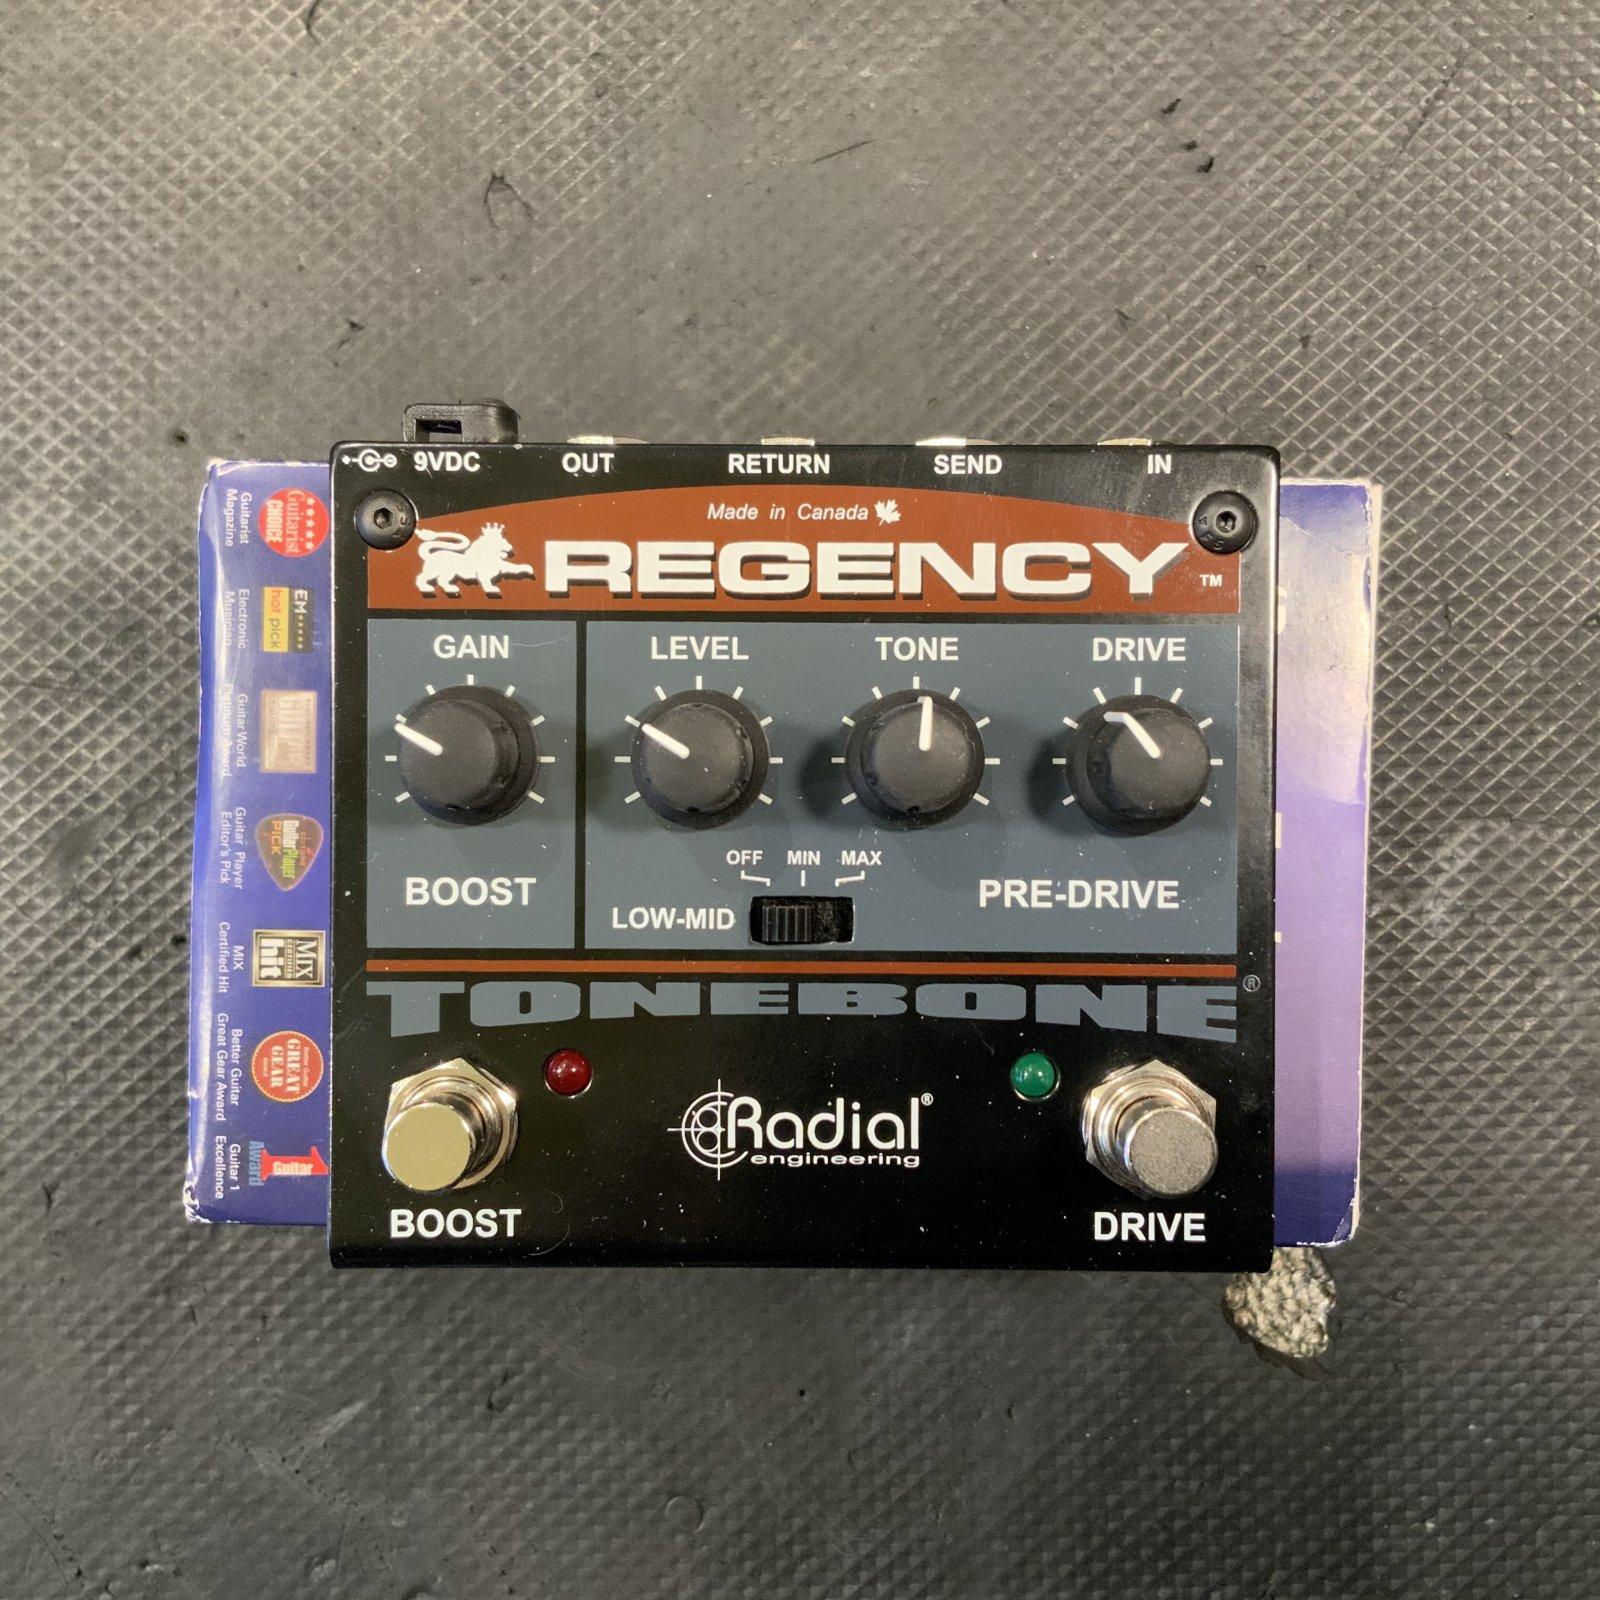 Radial ToneBone Regency Pre-Drive/Boost